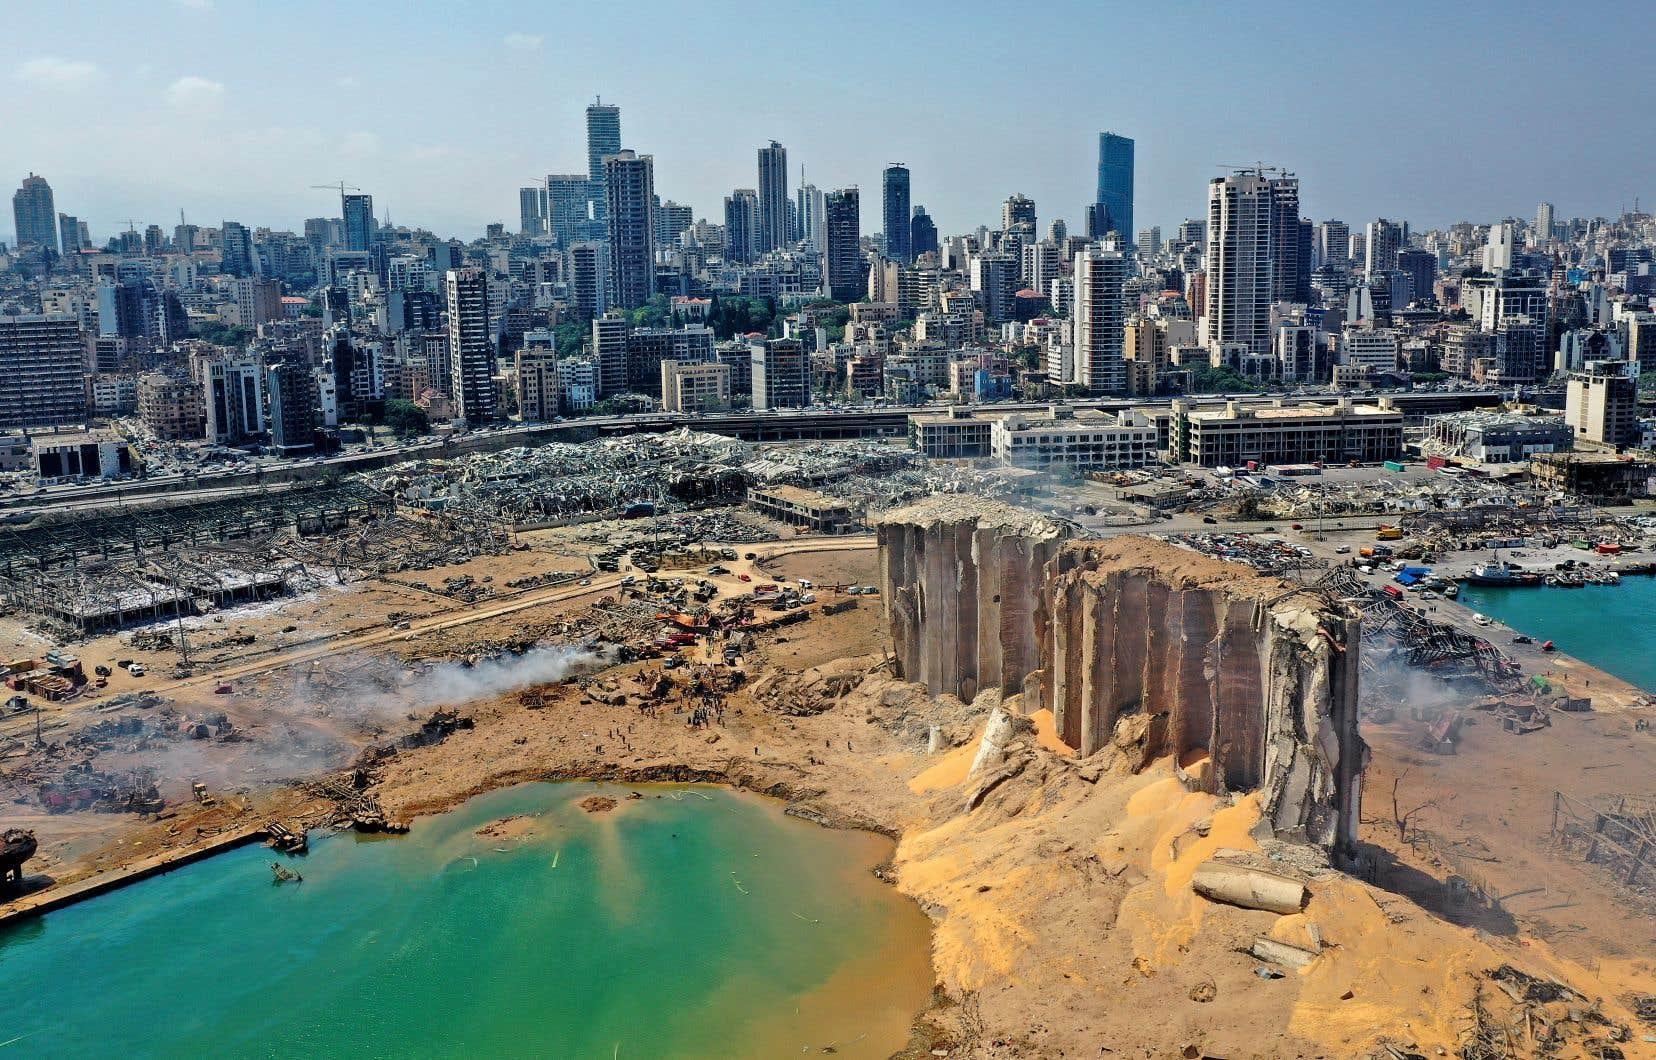 «Après la vie chère et la pandémie, la dévastation causée par les explosions de Beyrouth est la crise de trop: les premières estimations parlent de 300000 sans-abri», écrit l'autrice.